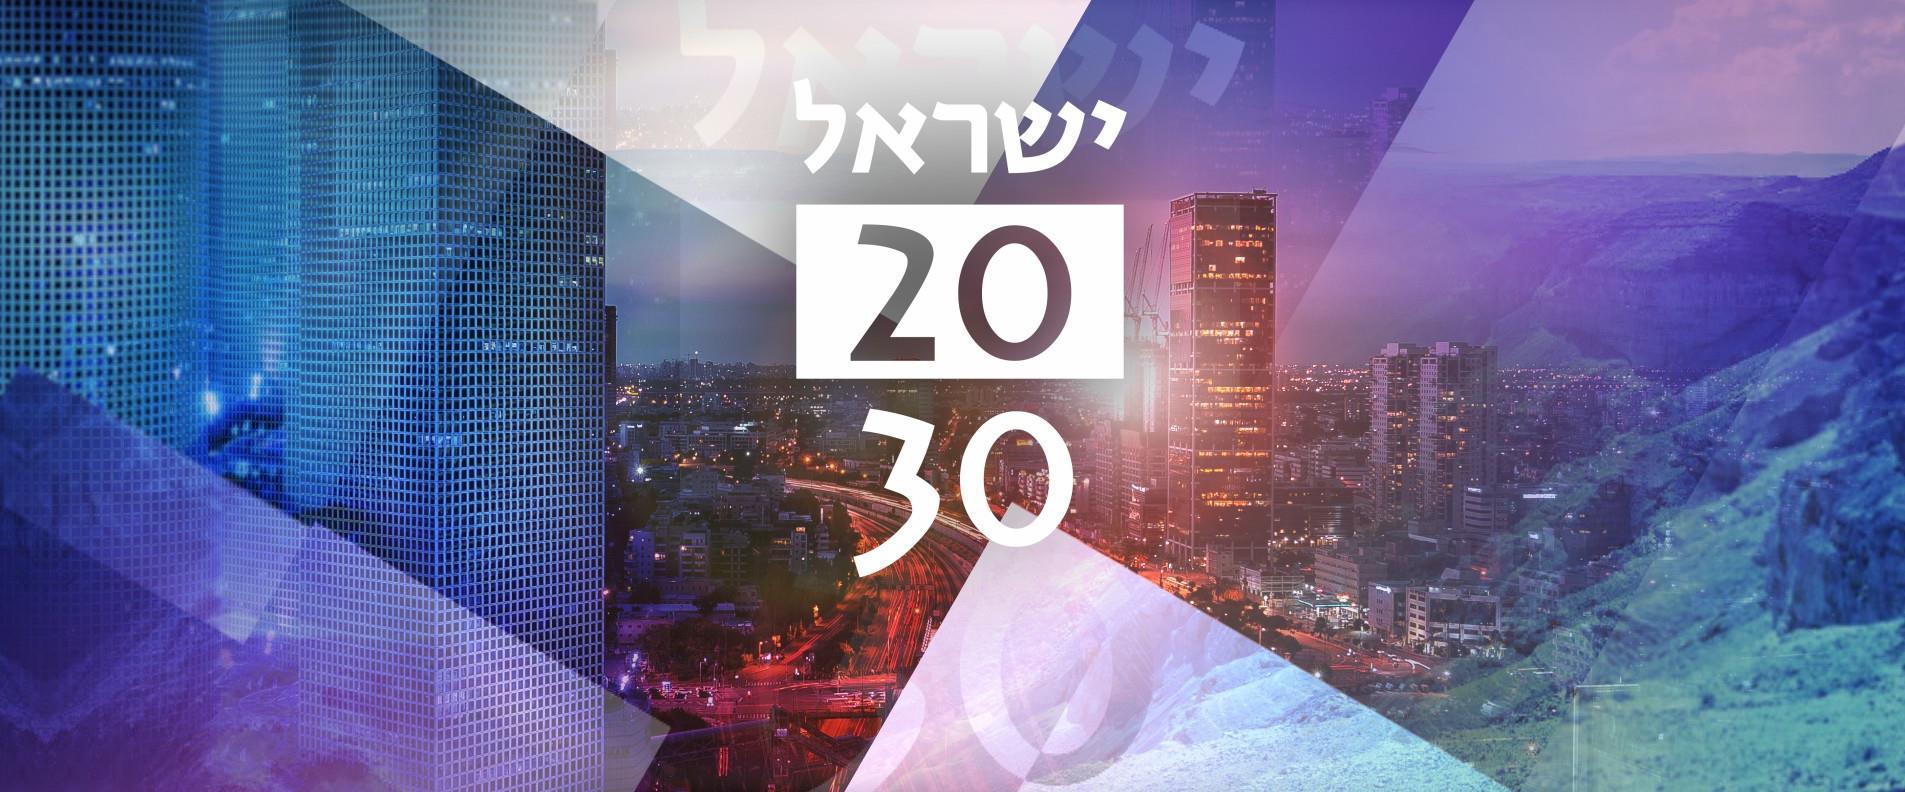 ישראל 2030